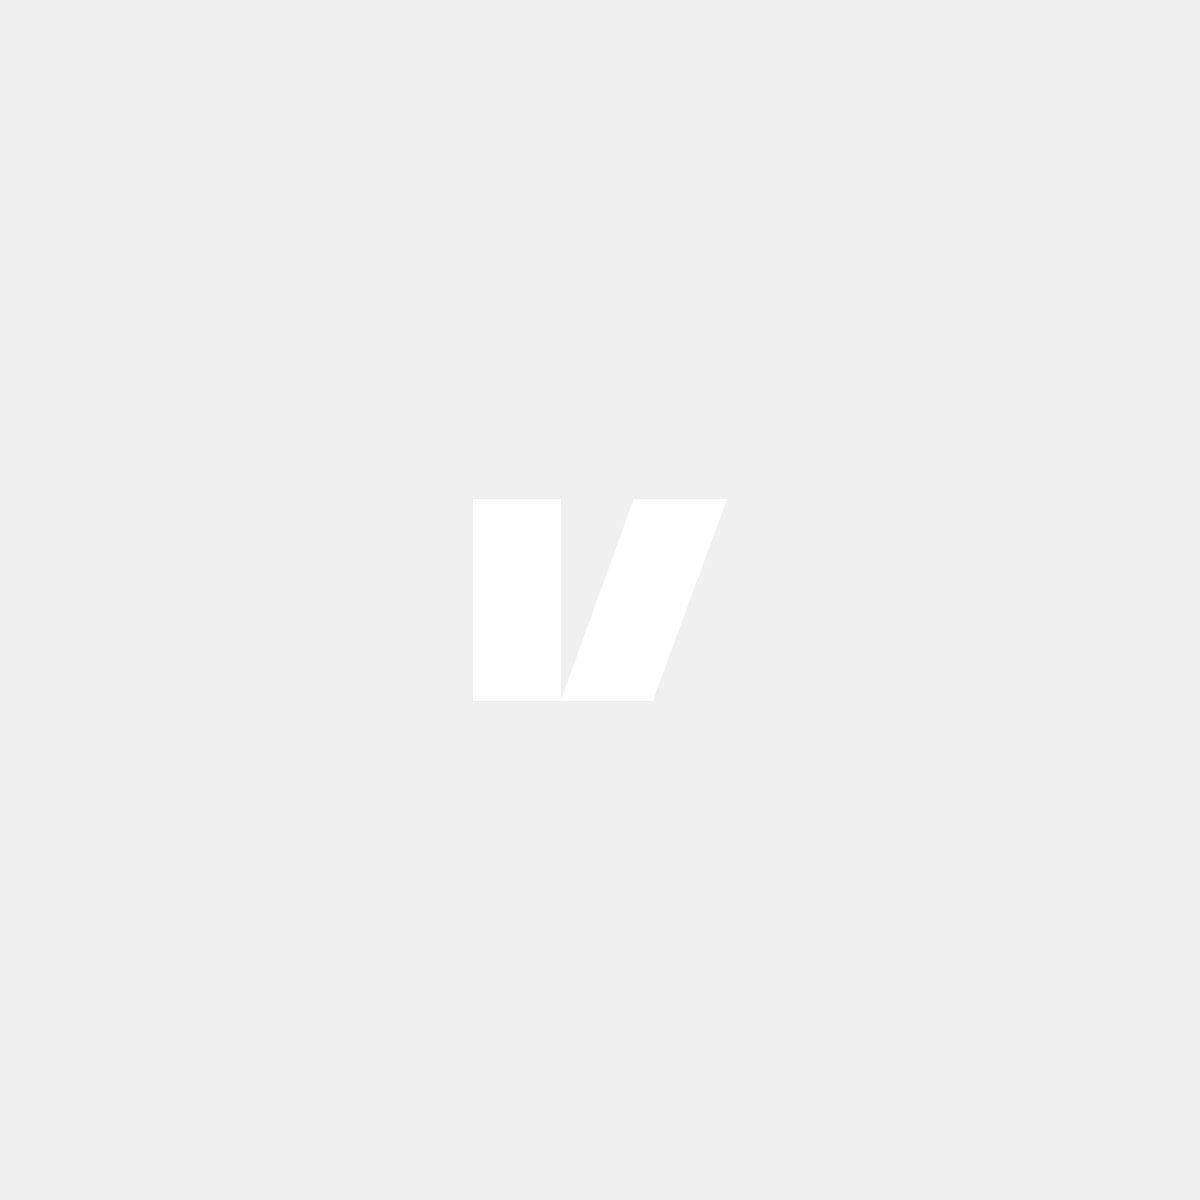 Vindavvisare med kromlist till Volvo S80 06-, 4 dörrar, utanpåliggande